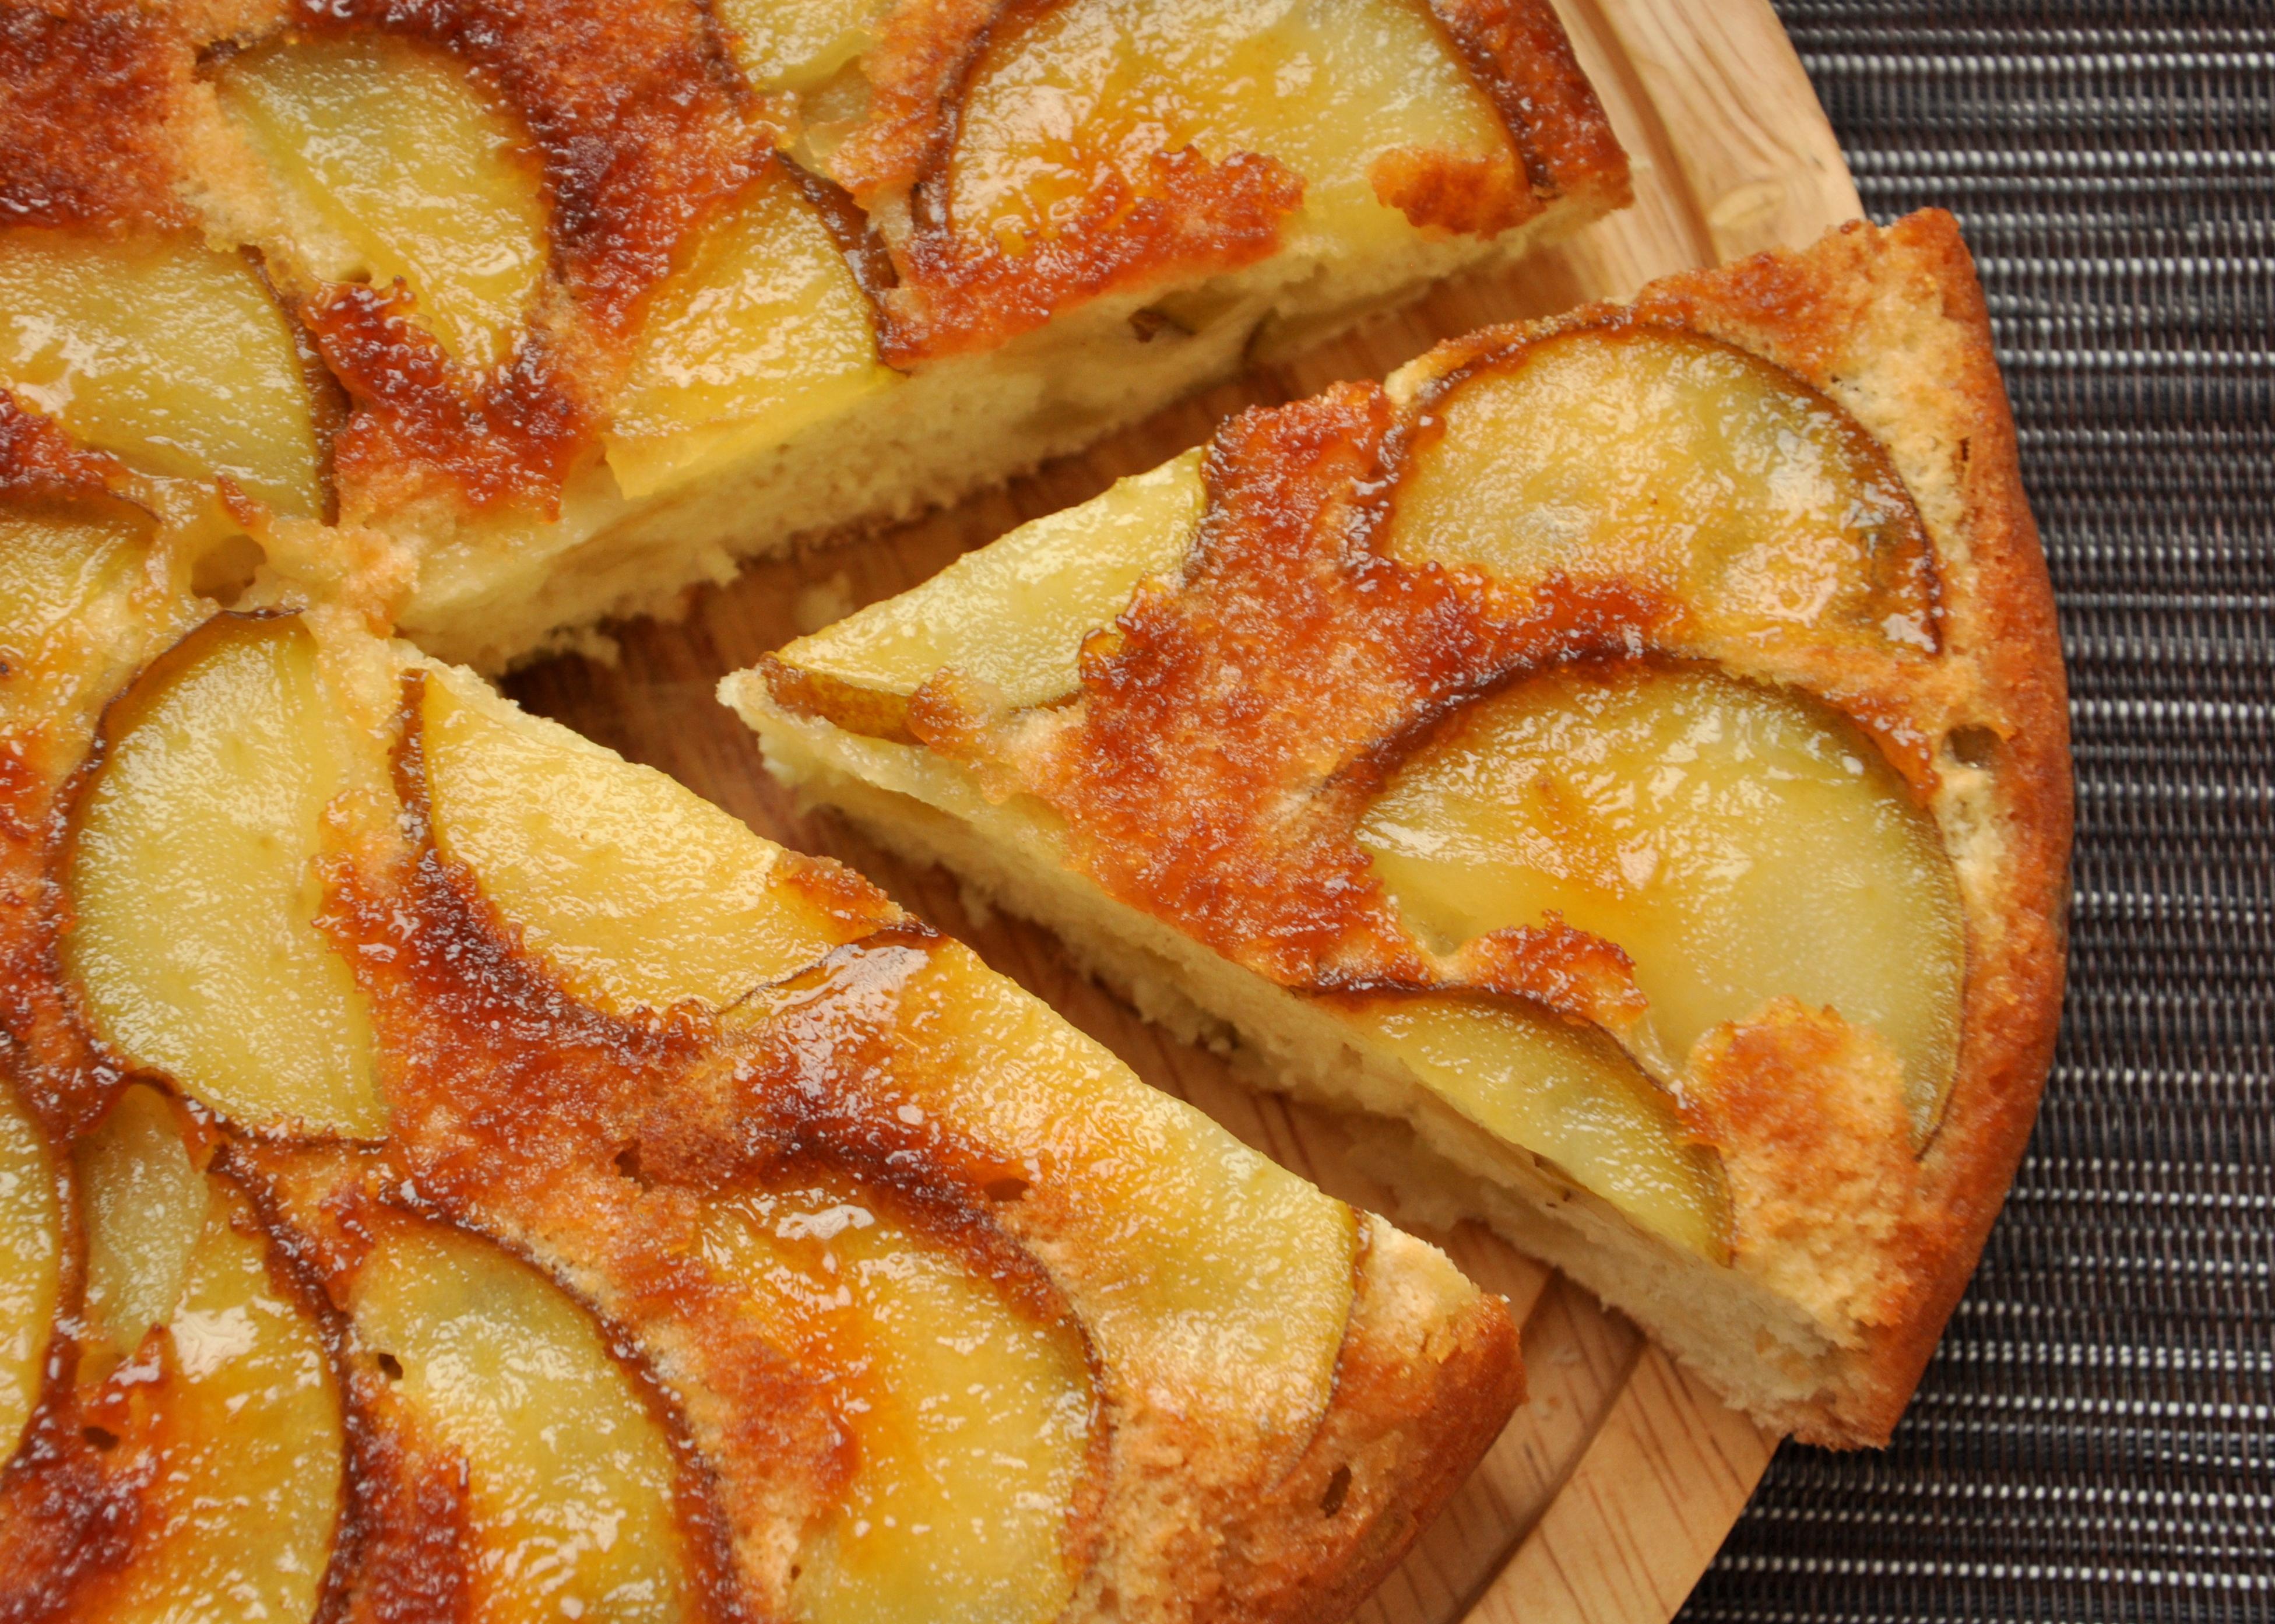 Песочный пирог с грушей рецепты самый простой в приготовлении